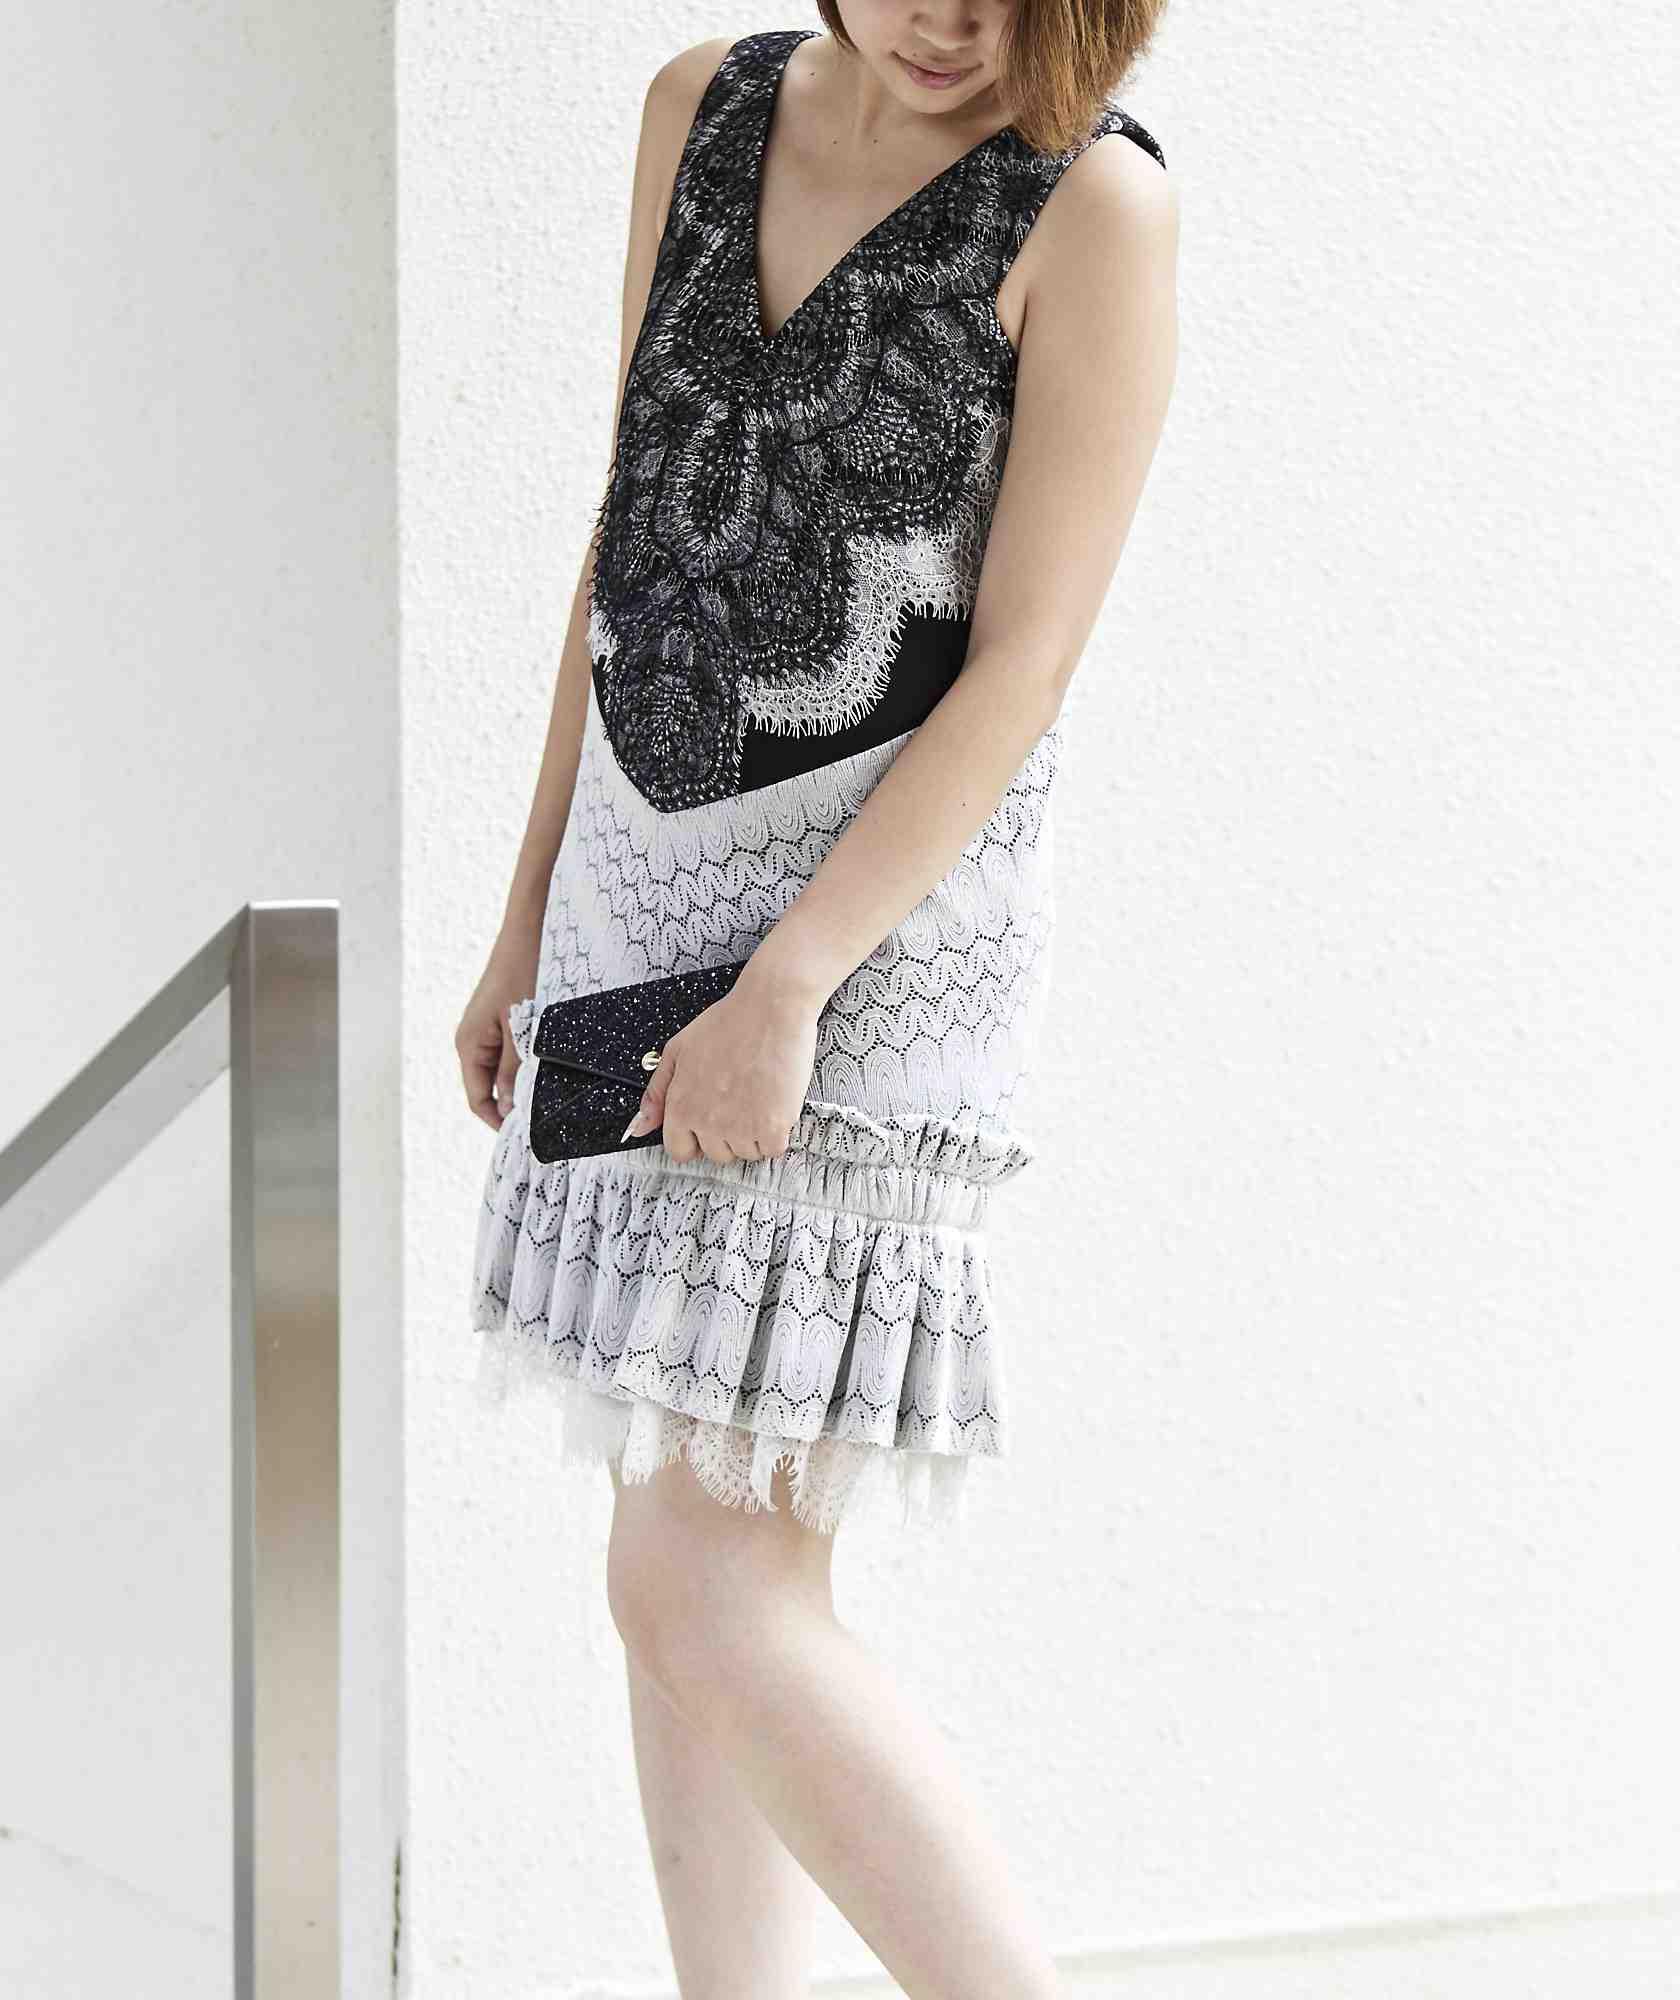 モノクロオープンバックショートドレス-ブラック-S